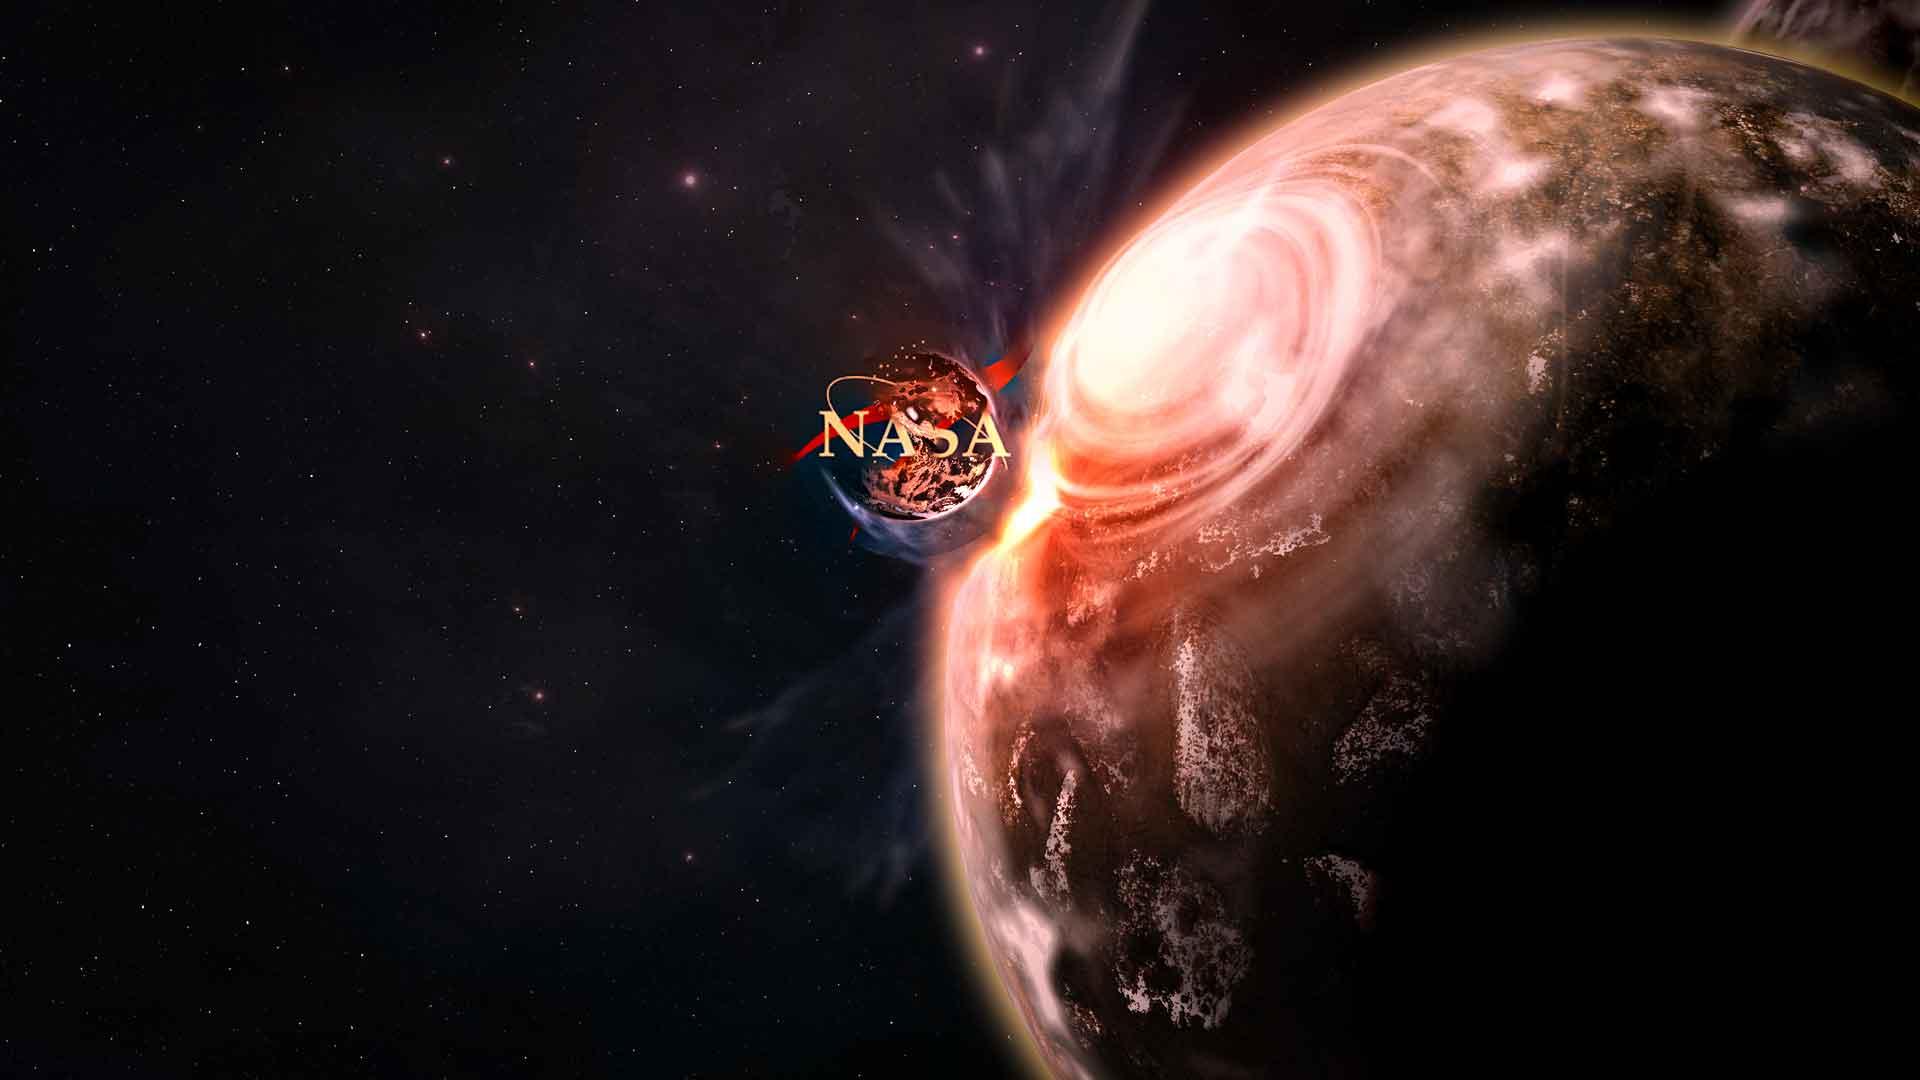 Según este vídeo la NASA pudo haber confirmado la existencia de Nibiru